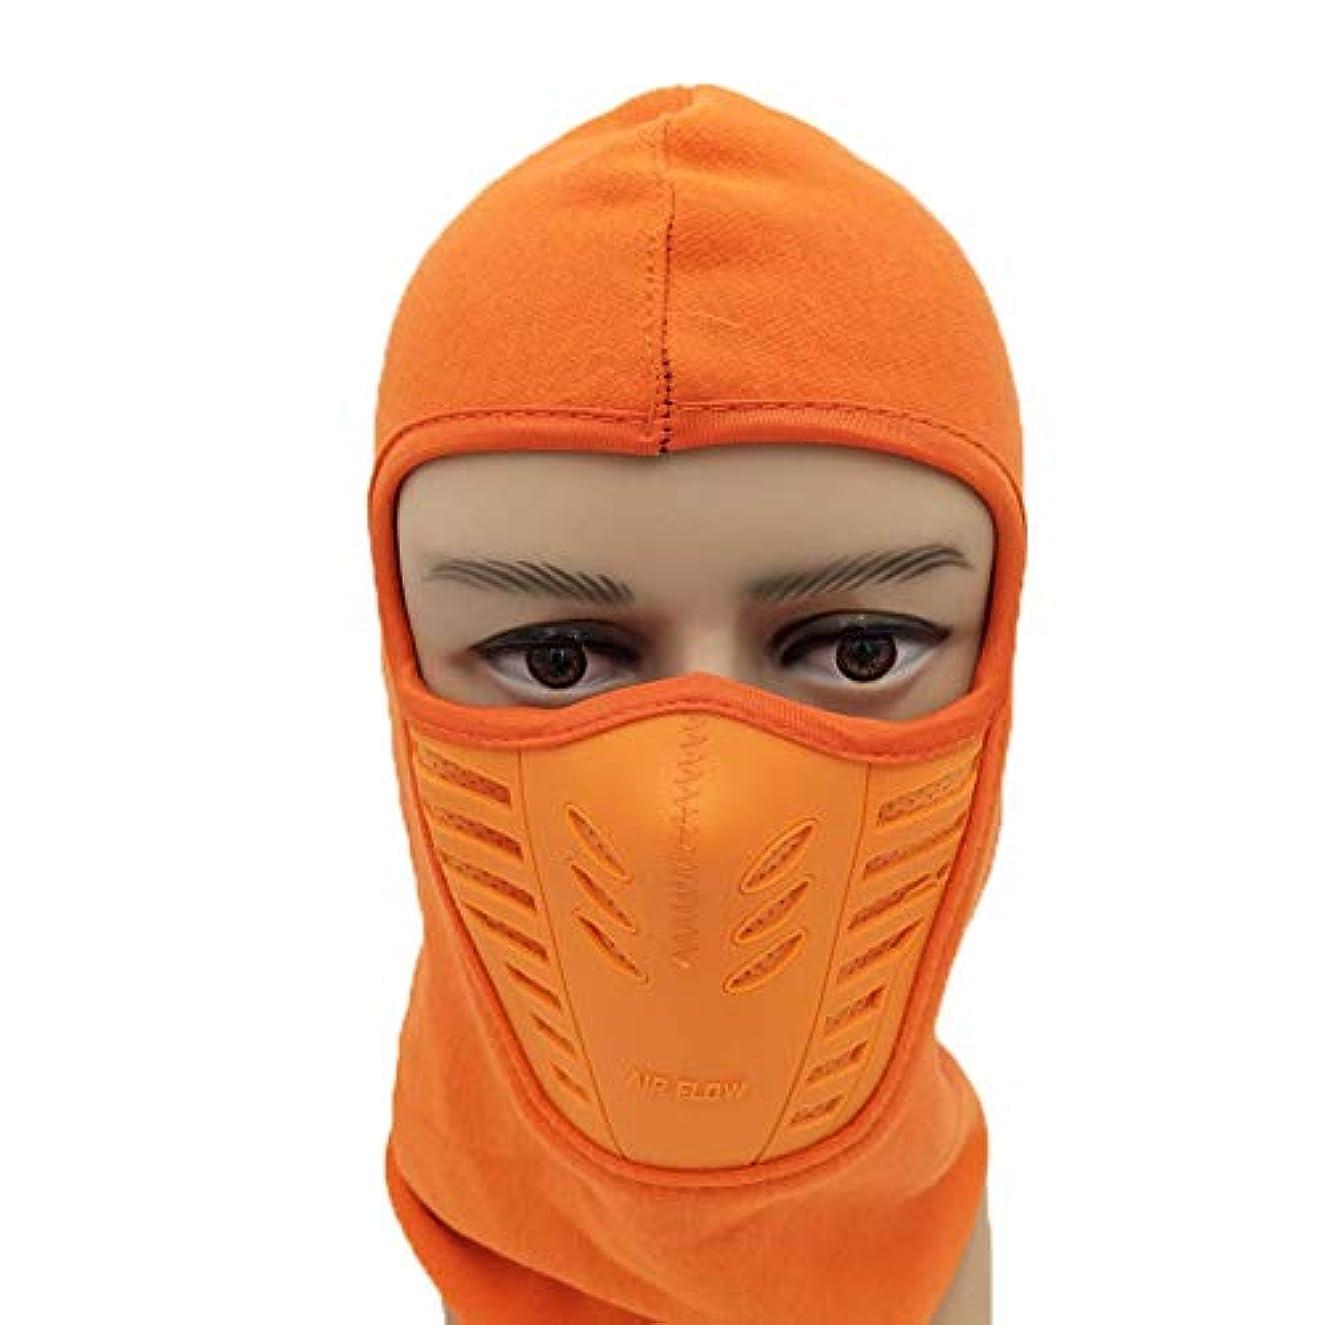 中毒侵略アシスタントXlpウィンターフリースネックウォーマー、フェイスマスクカバー、厚手ロングネックガーターチューブ、ビーニーネックウォーマーフード、ウィンターアウトドアスポーツマスク防風フード帽子